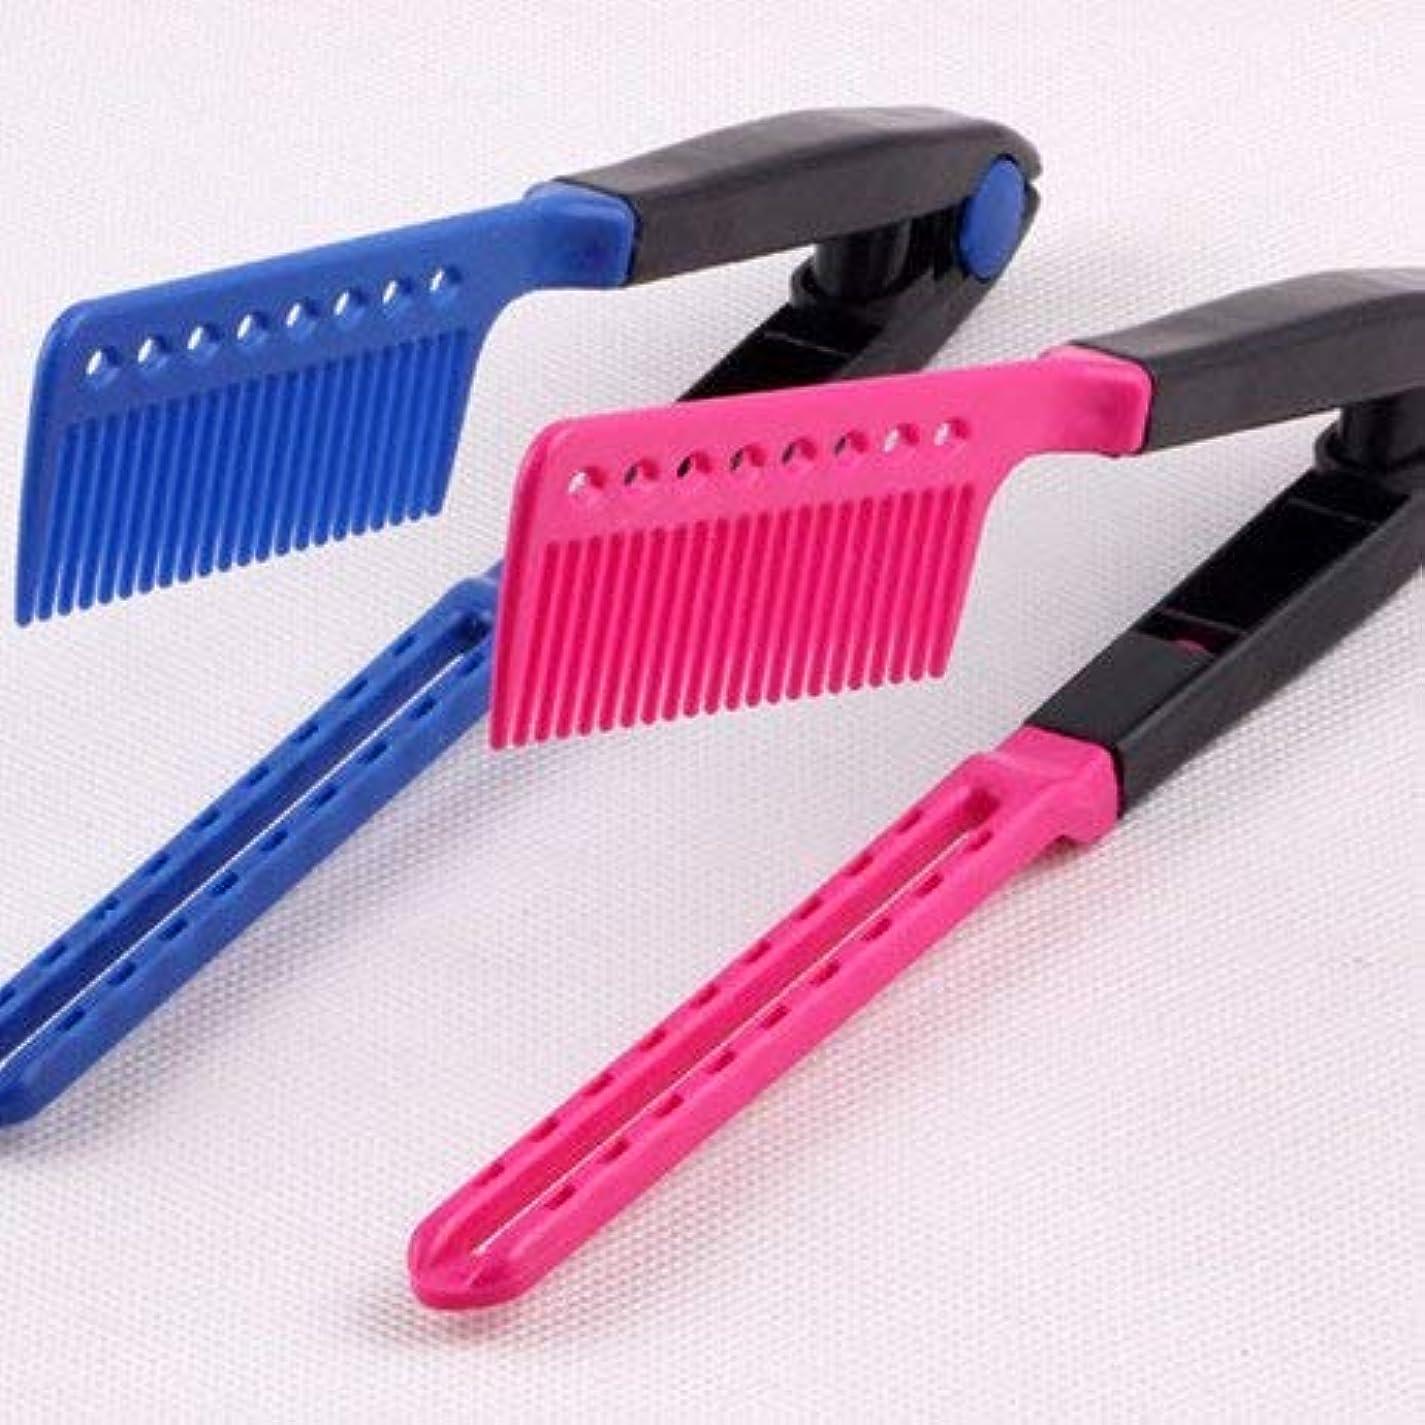 アトミック伝染病無礼にHair Straightening Comb, Haircut Anti-static V Shape Comb Clip Clamp Hairdressing Styling Tools(Rose_Red) [並行輸入品]